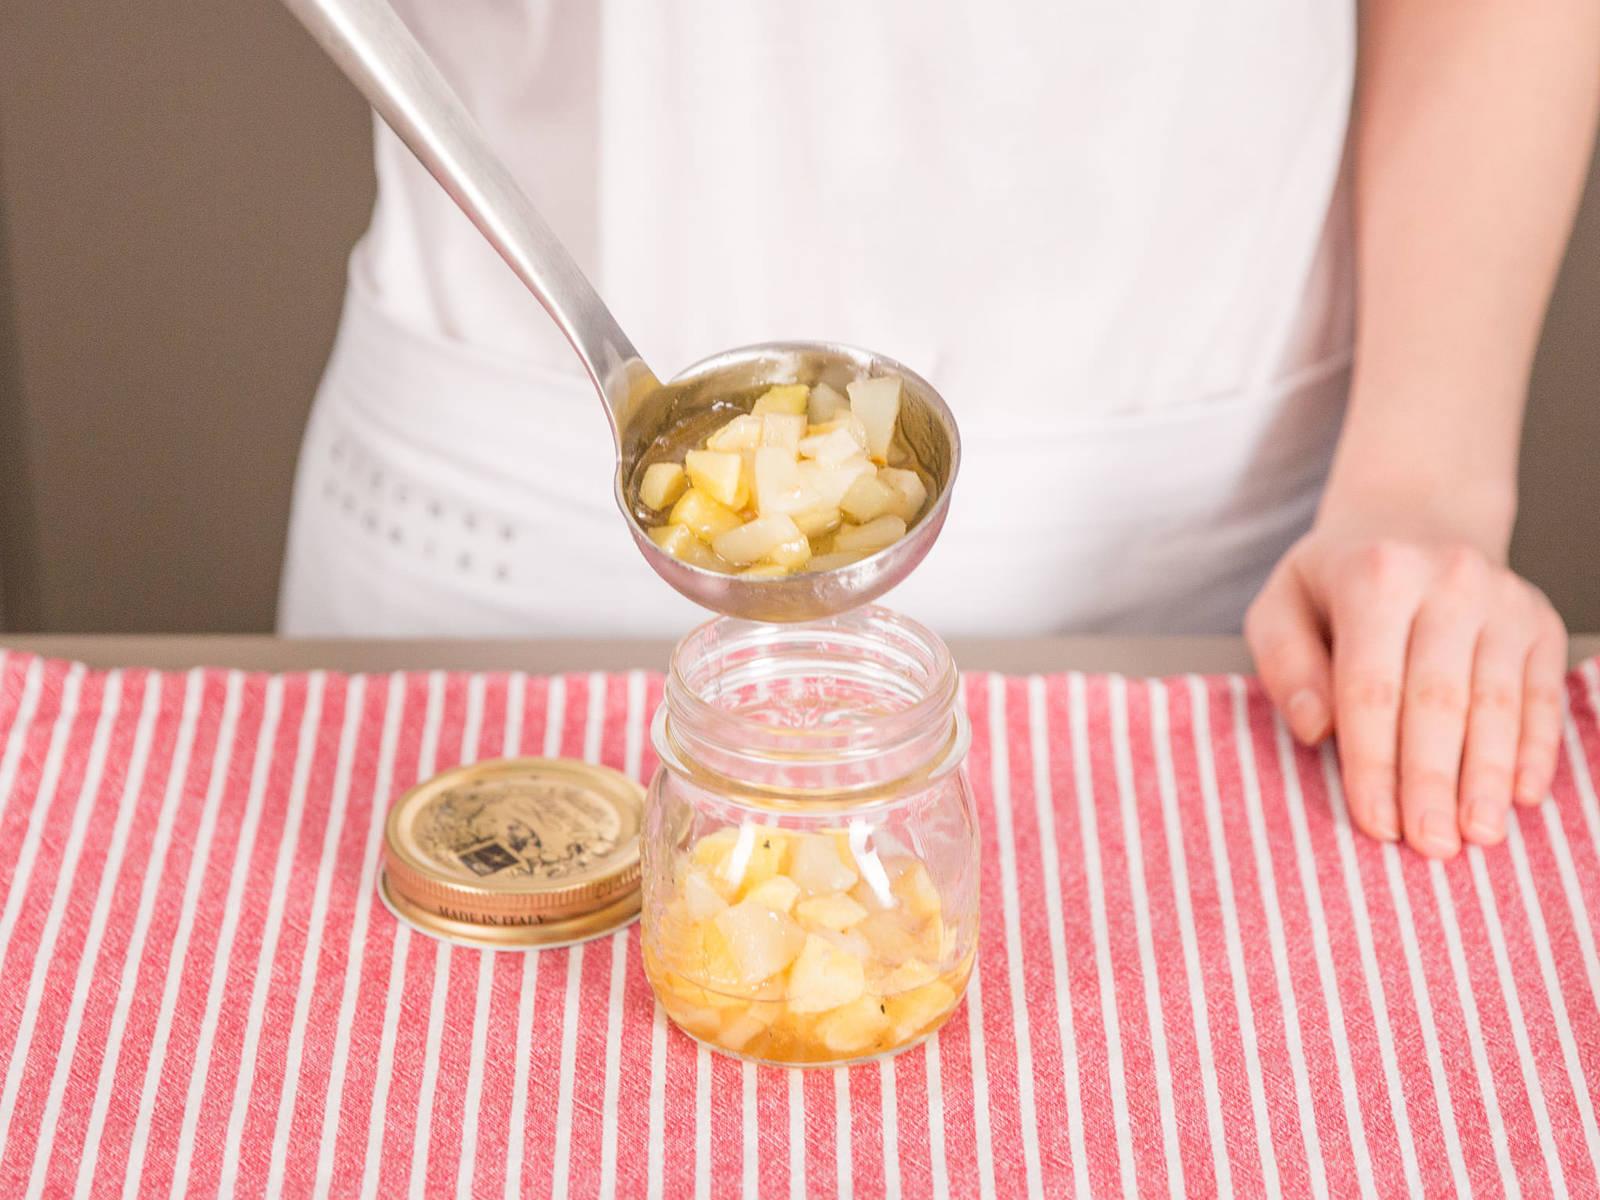 Anschließend den Estragon wieder entnehmen und die Marmelade nach Bedarf in das Einmachglas füllen.